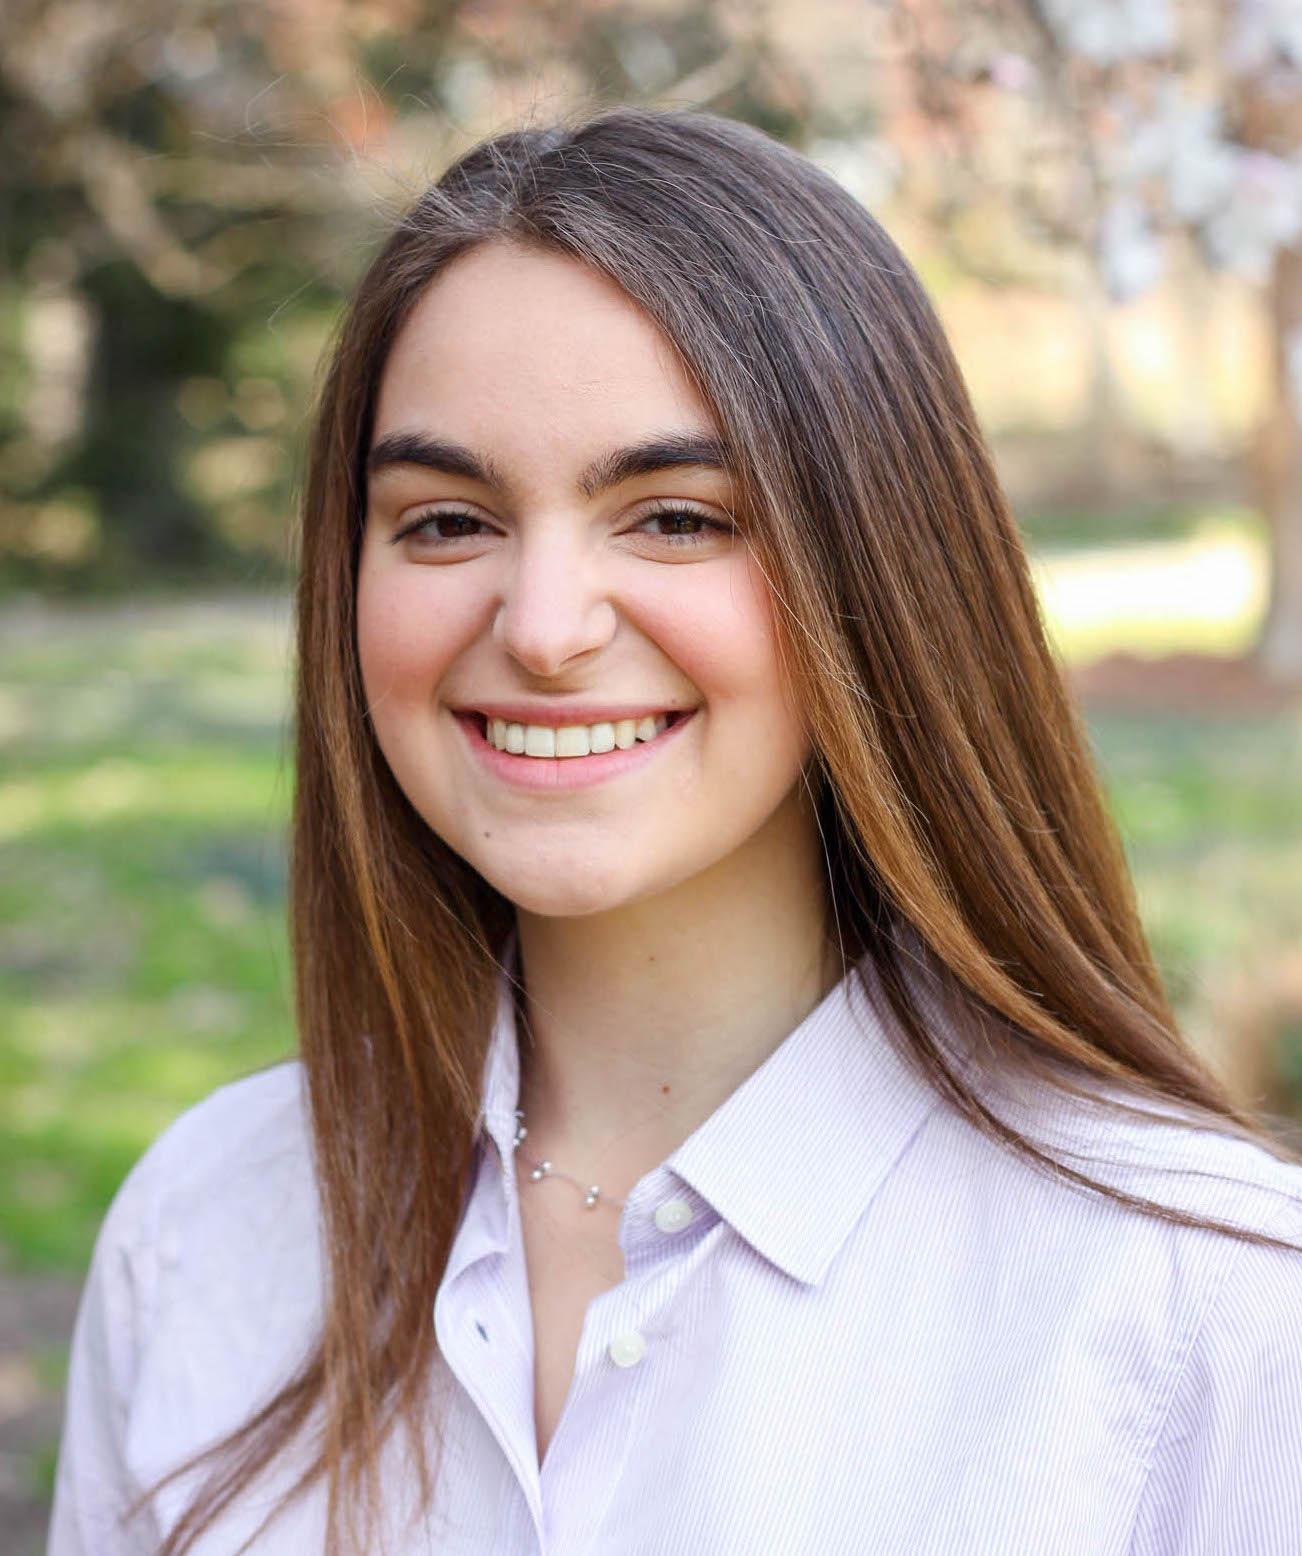 Michelle Moffa, a Duke Grand Challenge Scholar